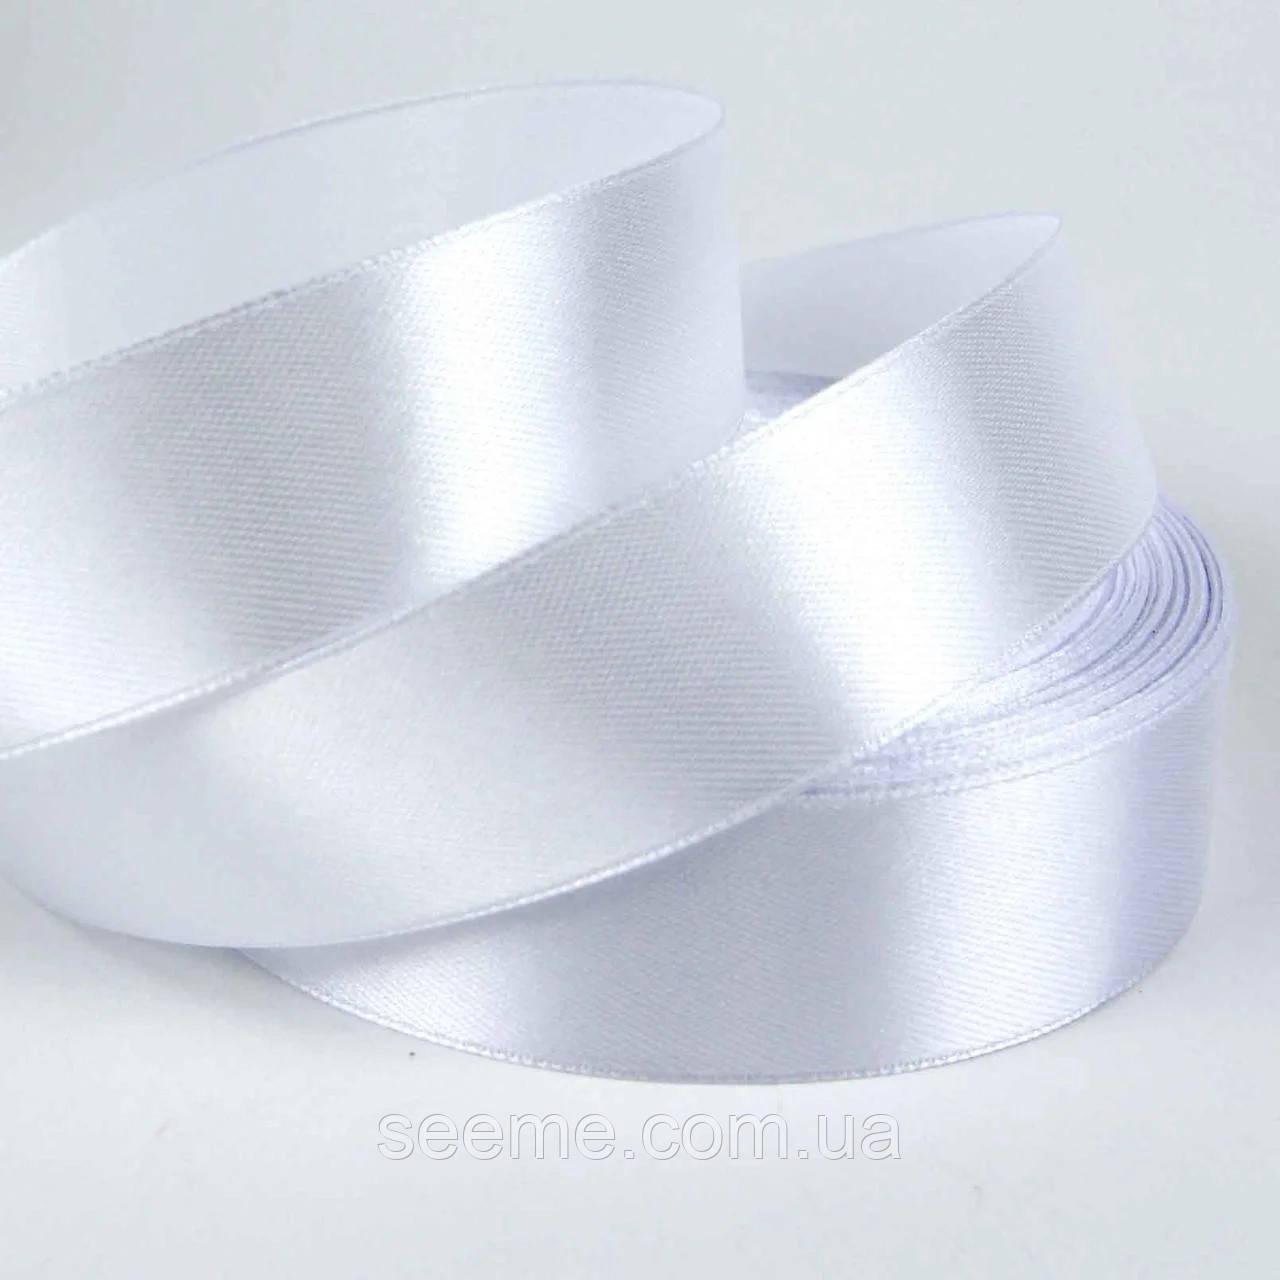 Лента атласная 25 мм, цвет белый